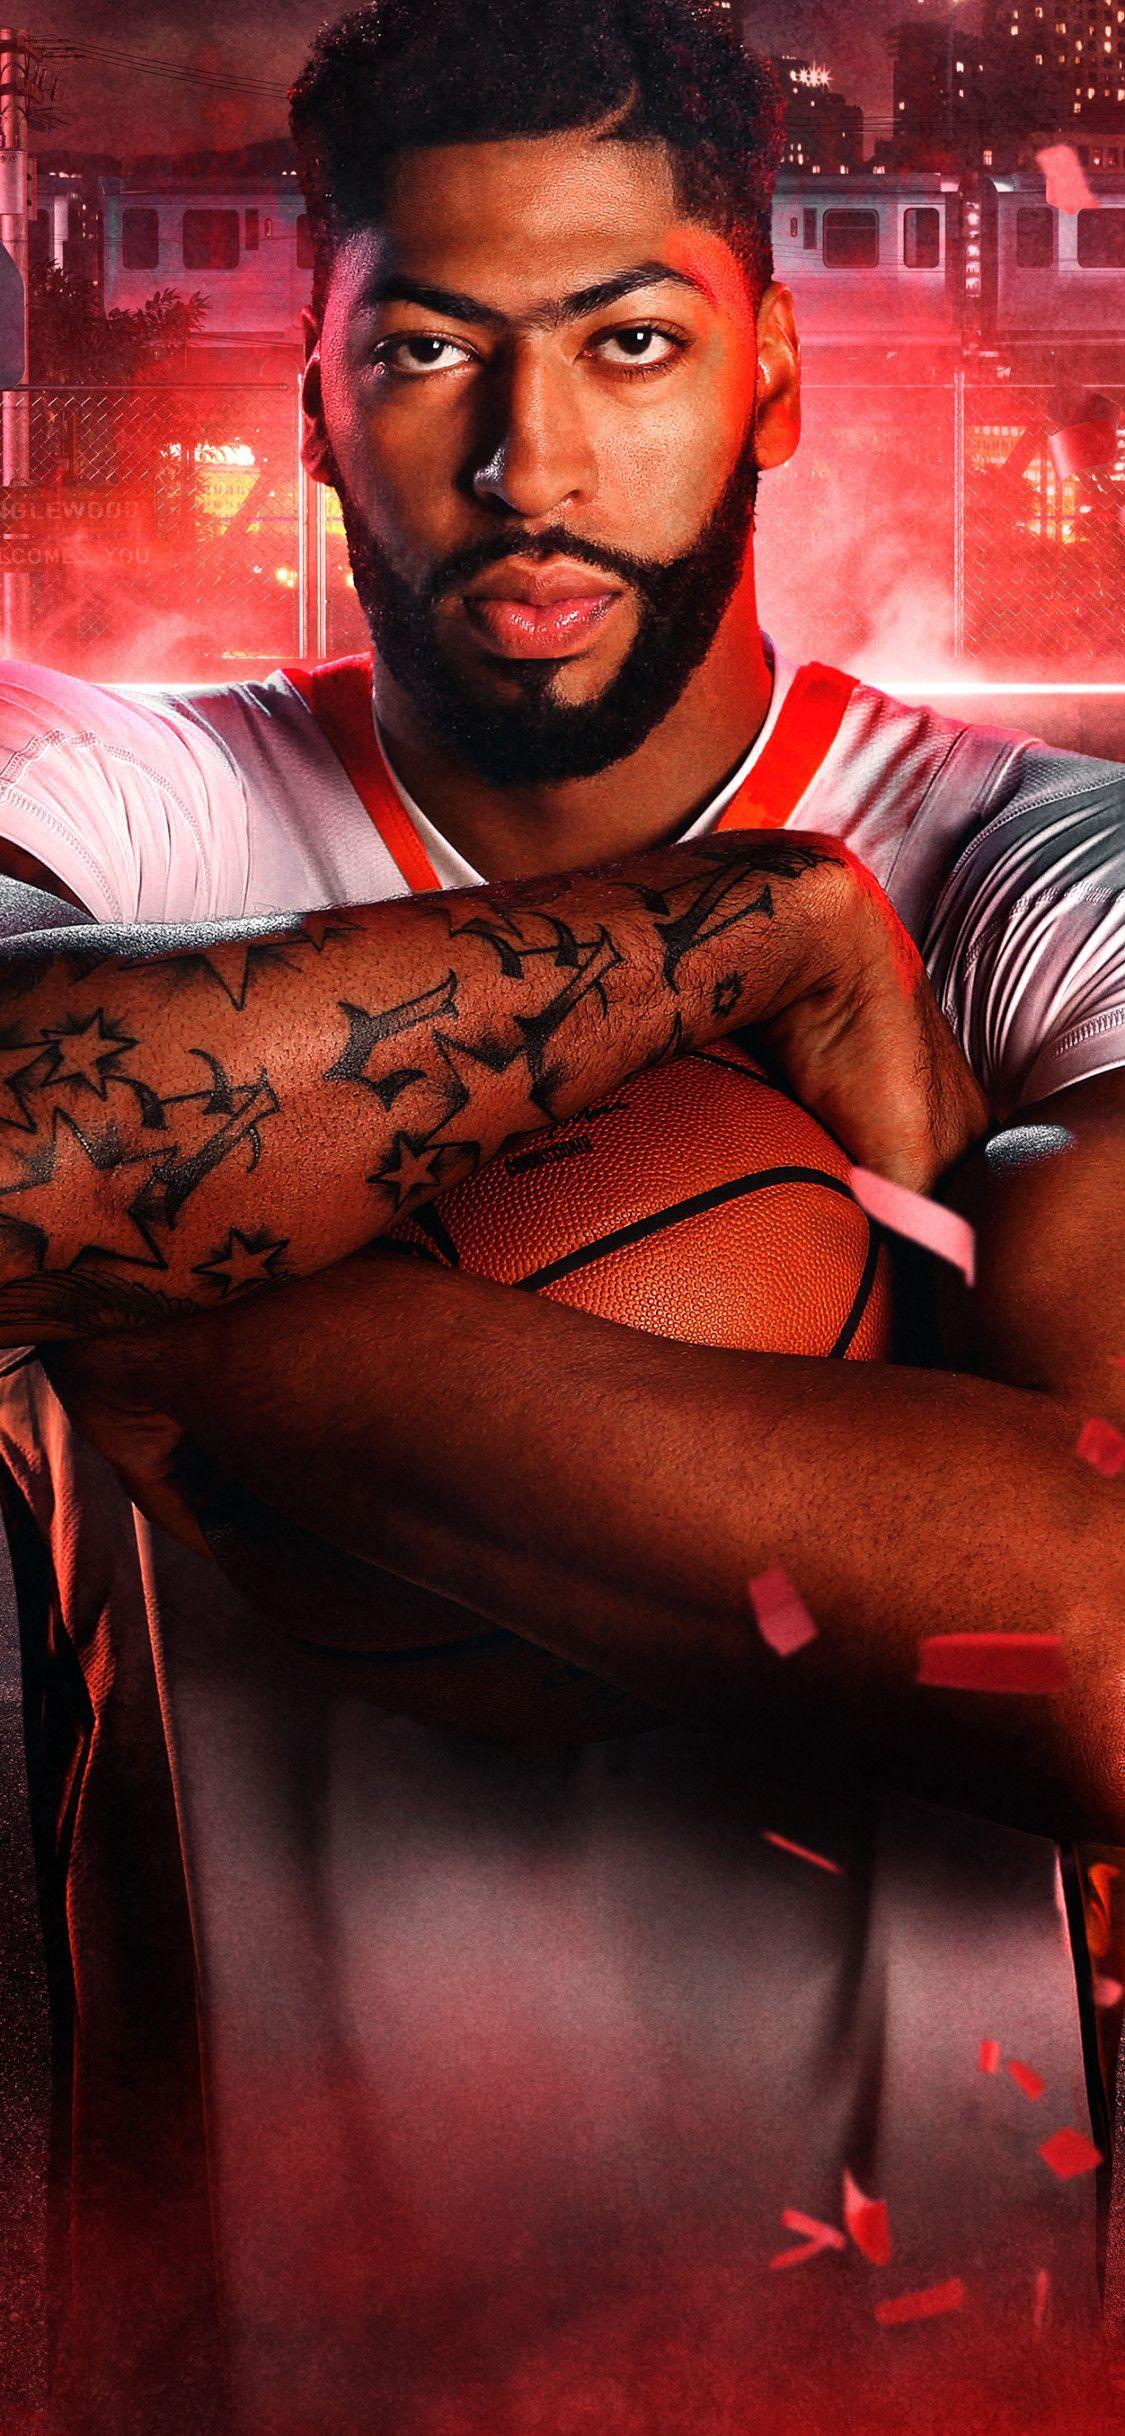 Pin By Das On Athletes 2k20 Wallpaper Nba 2k20 Wallpaper Nba 2k20